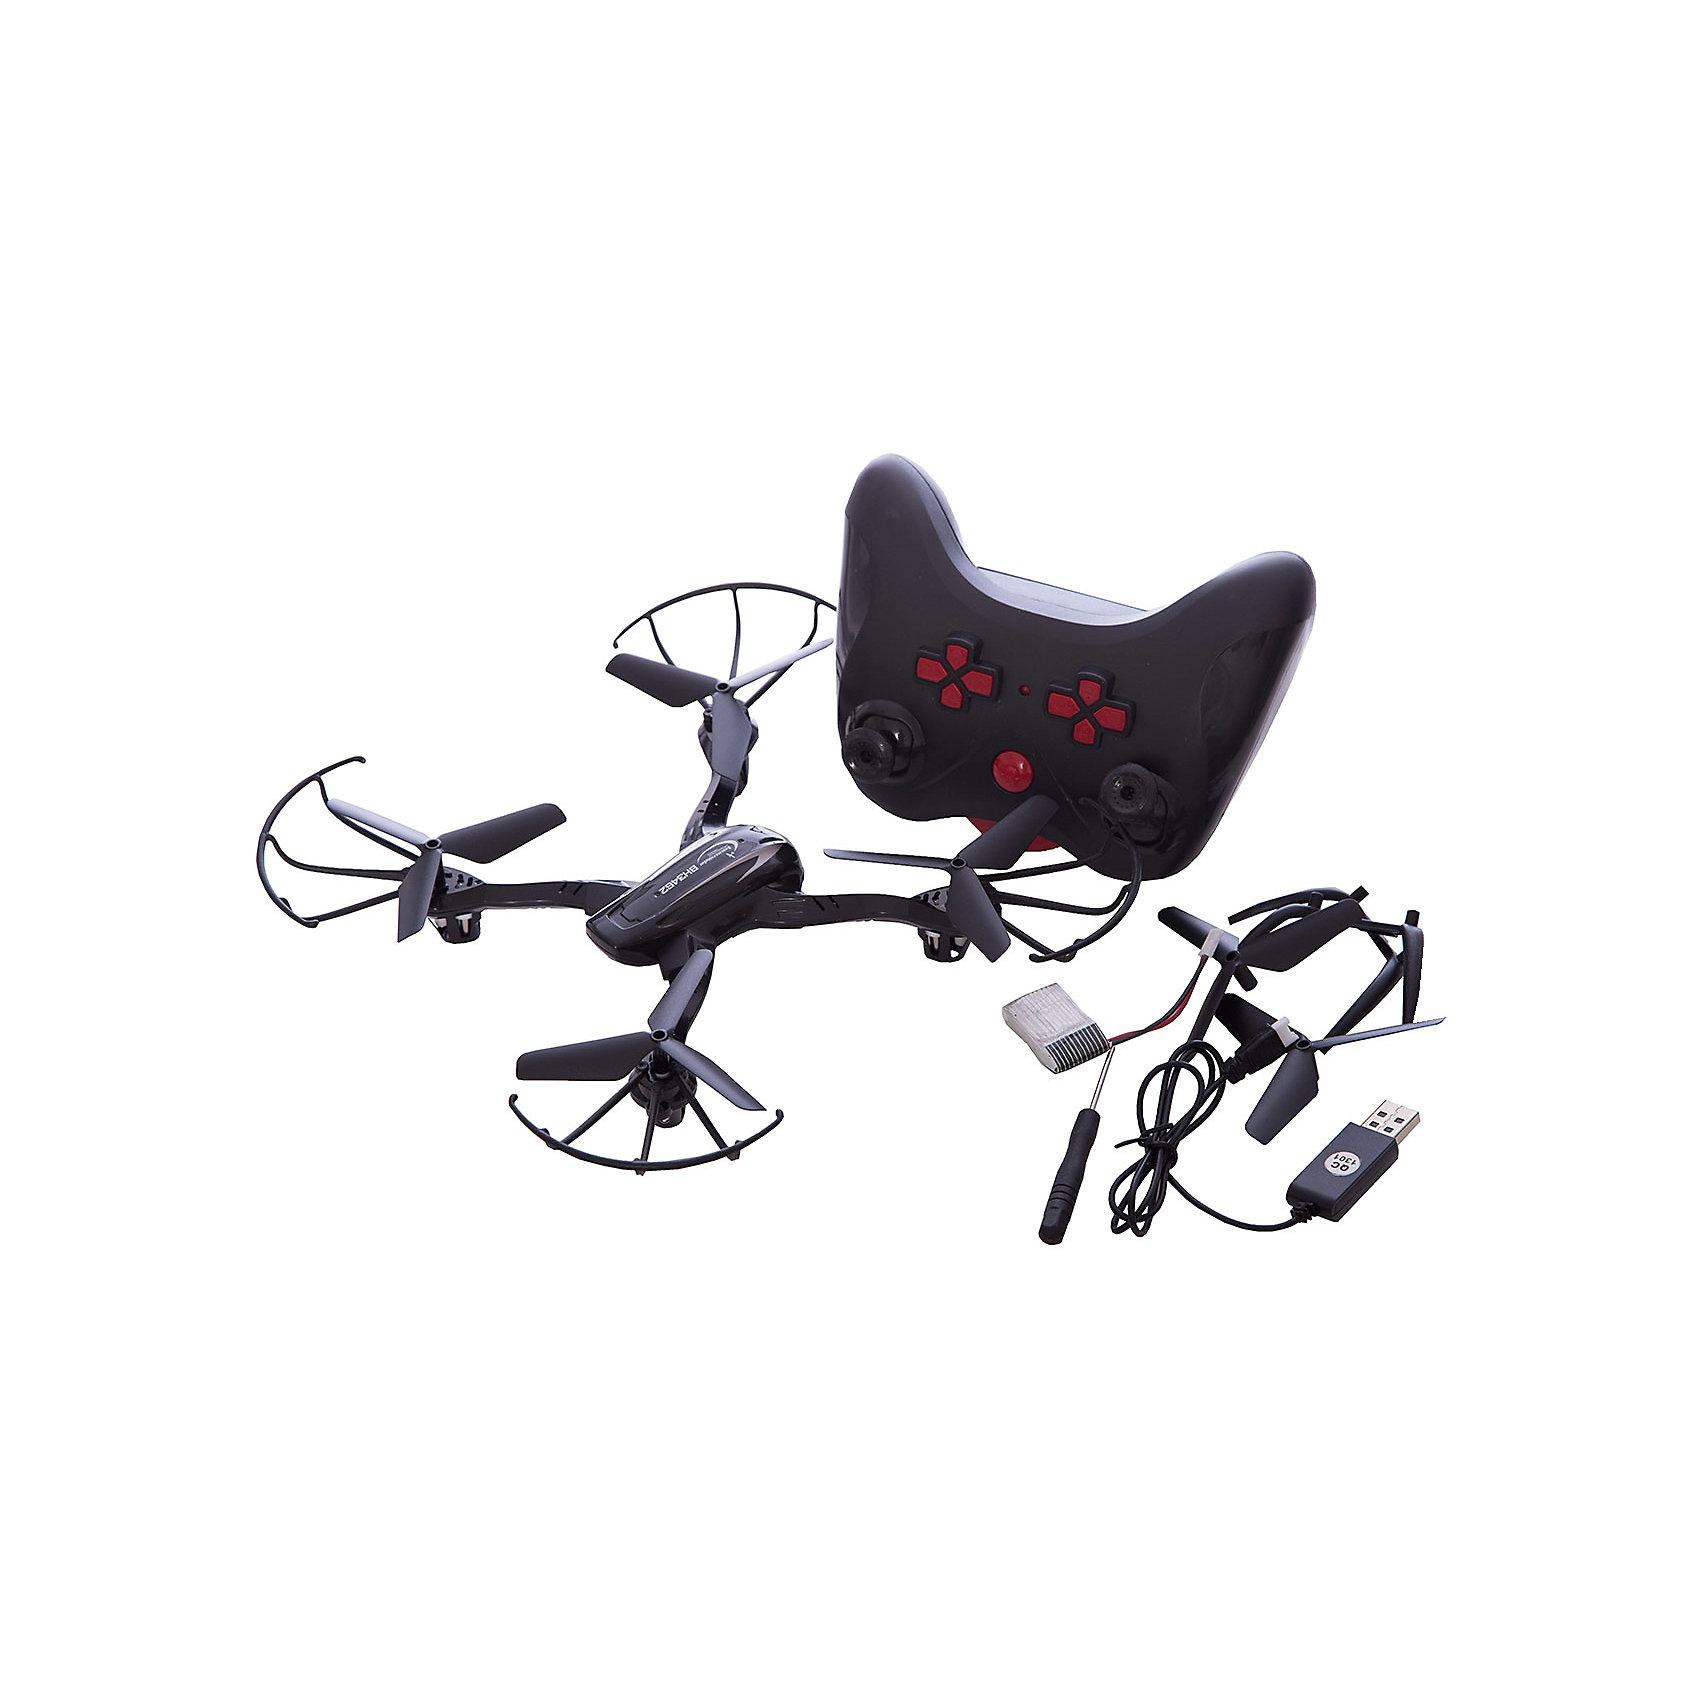 Квадрокоптер р/у Кречет, Властелин небесРадиоуправляемый транспорт<br>Квадрокоптер р/у Кречет, Властелин небес<br><br>Характеристики:<br><br>• летает в любом направлении<br>• поворачивается вокруг своей оси и зависает в воздухе<br>• яркие огни<br>• корпус из прочного пластика<br>• время игры: 8 минут<br>• время зарядки: 60 минут<br>• размер игрушки: 21,5х21,5х4 см<br>• материал: металл, пластик<br>• частота р/у: 2,4 МГц<br>• размер упаковки: 45х26х8 см<br>• вес: 510 грамм<br>• батарейки: АА - 4 шт. (не входят в комплект)<br>• в комплекте: квадрокоптер, пульт управления, 2 запасных пропеллера, 2 ножки, кабель USB, аккумулятор, отвертка, инструкция<br><br>Квадрокоптер Кречет - незабываемый подарок для детей и взрослых. Он способен летать в любую сторону и разворачиваться на 360 градусов. Встроенный гироскоп обеспечит стабильный полет и возможность зависания в воздухе. Квадрокоптер оснащен функцией автовозврата и автоориентации, что делает игрушку еще более удобной и интересной. На случай поломки предусмотрены дополнительные детали. Яркие огоньки позволят вам наблюдать за красивым полетом даже в темноте. Корпус выполнен из прочного пластика, устойчивого к повреждениям. <br>Для работы необходимы четыре батарейки АА (Не входят в комплект).<br><br>Квадрокоптер р/у Кречет, Властелин небес вы можете купить в нашем интернет-магазине.<br><br>Ширина мм: 70<br>Глубина мм: 435<br>Высота мм: 255<br>Вес г: 670<br>Возраст от месяцев: 144<br>Возраст до месяцев: 2147483647<br>Пол: Мужской<br>Возраст: Детский<br>SKU: 5397114